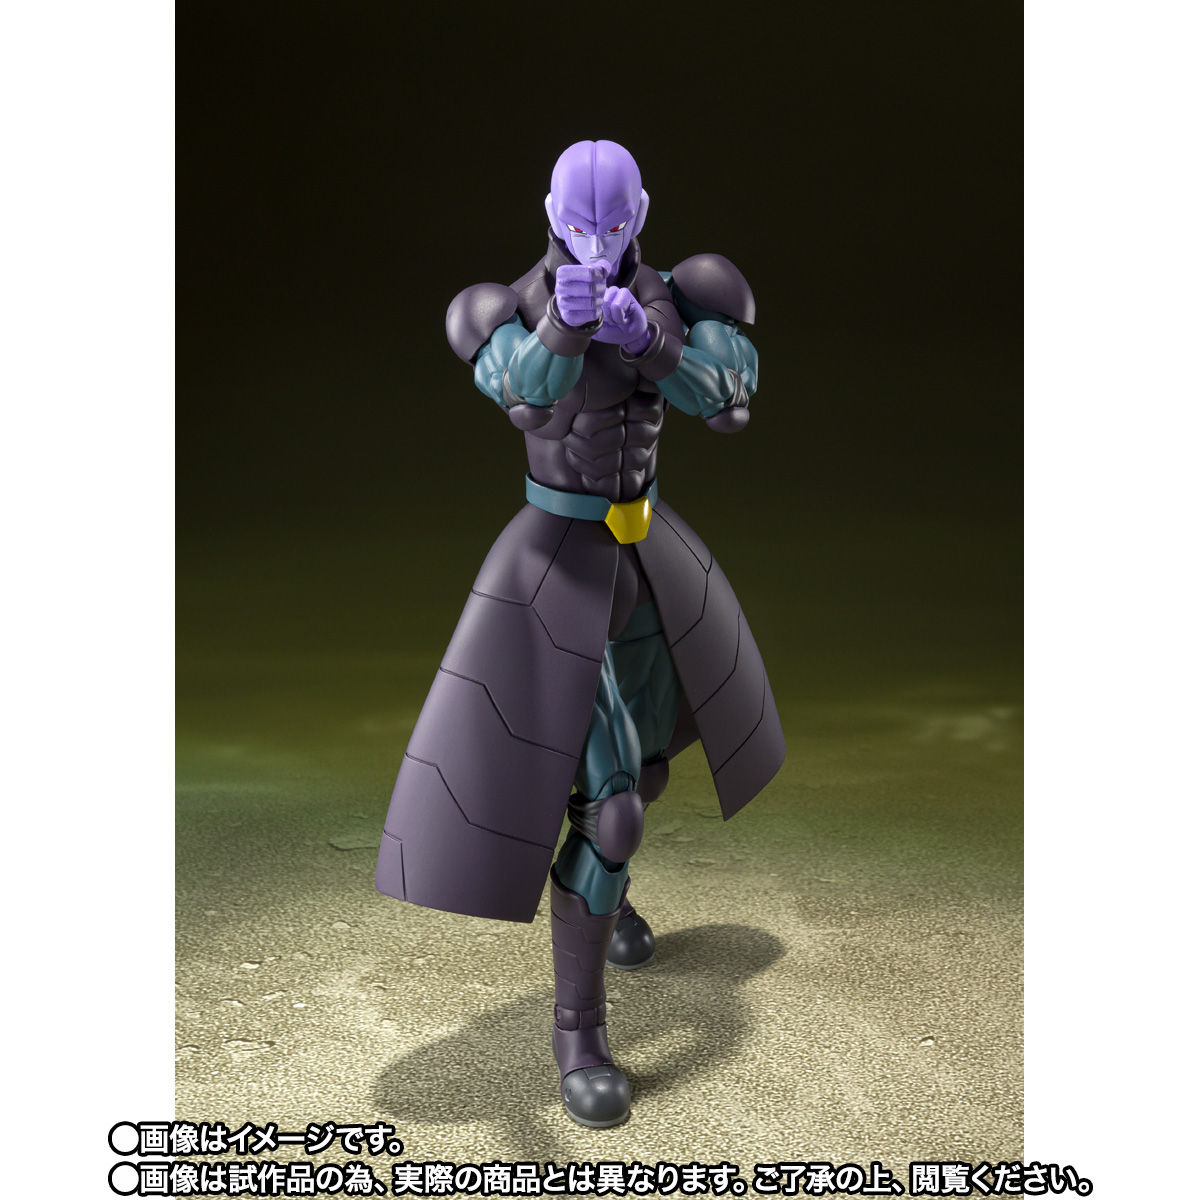 【限定販売】S.H.Figuarts『ヒット』ドラゴンボール超 可動フィギュア-003